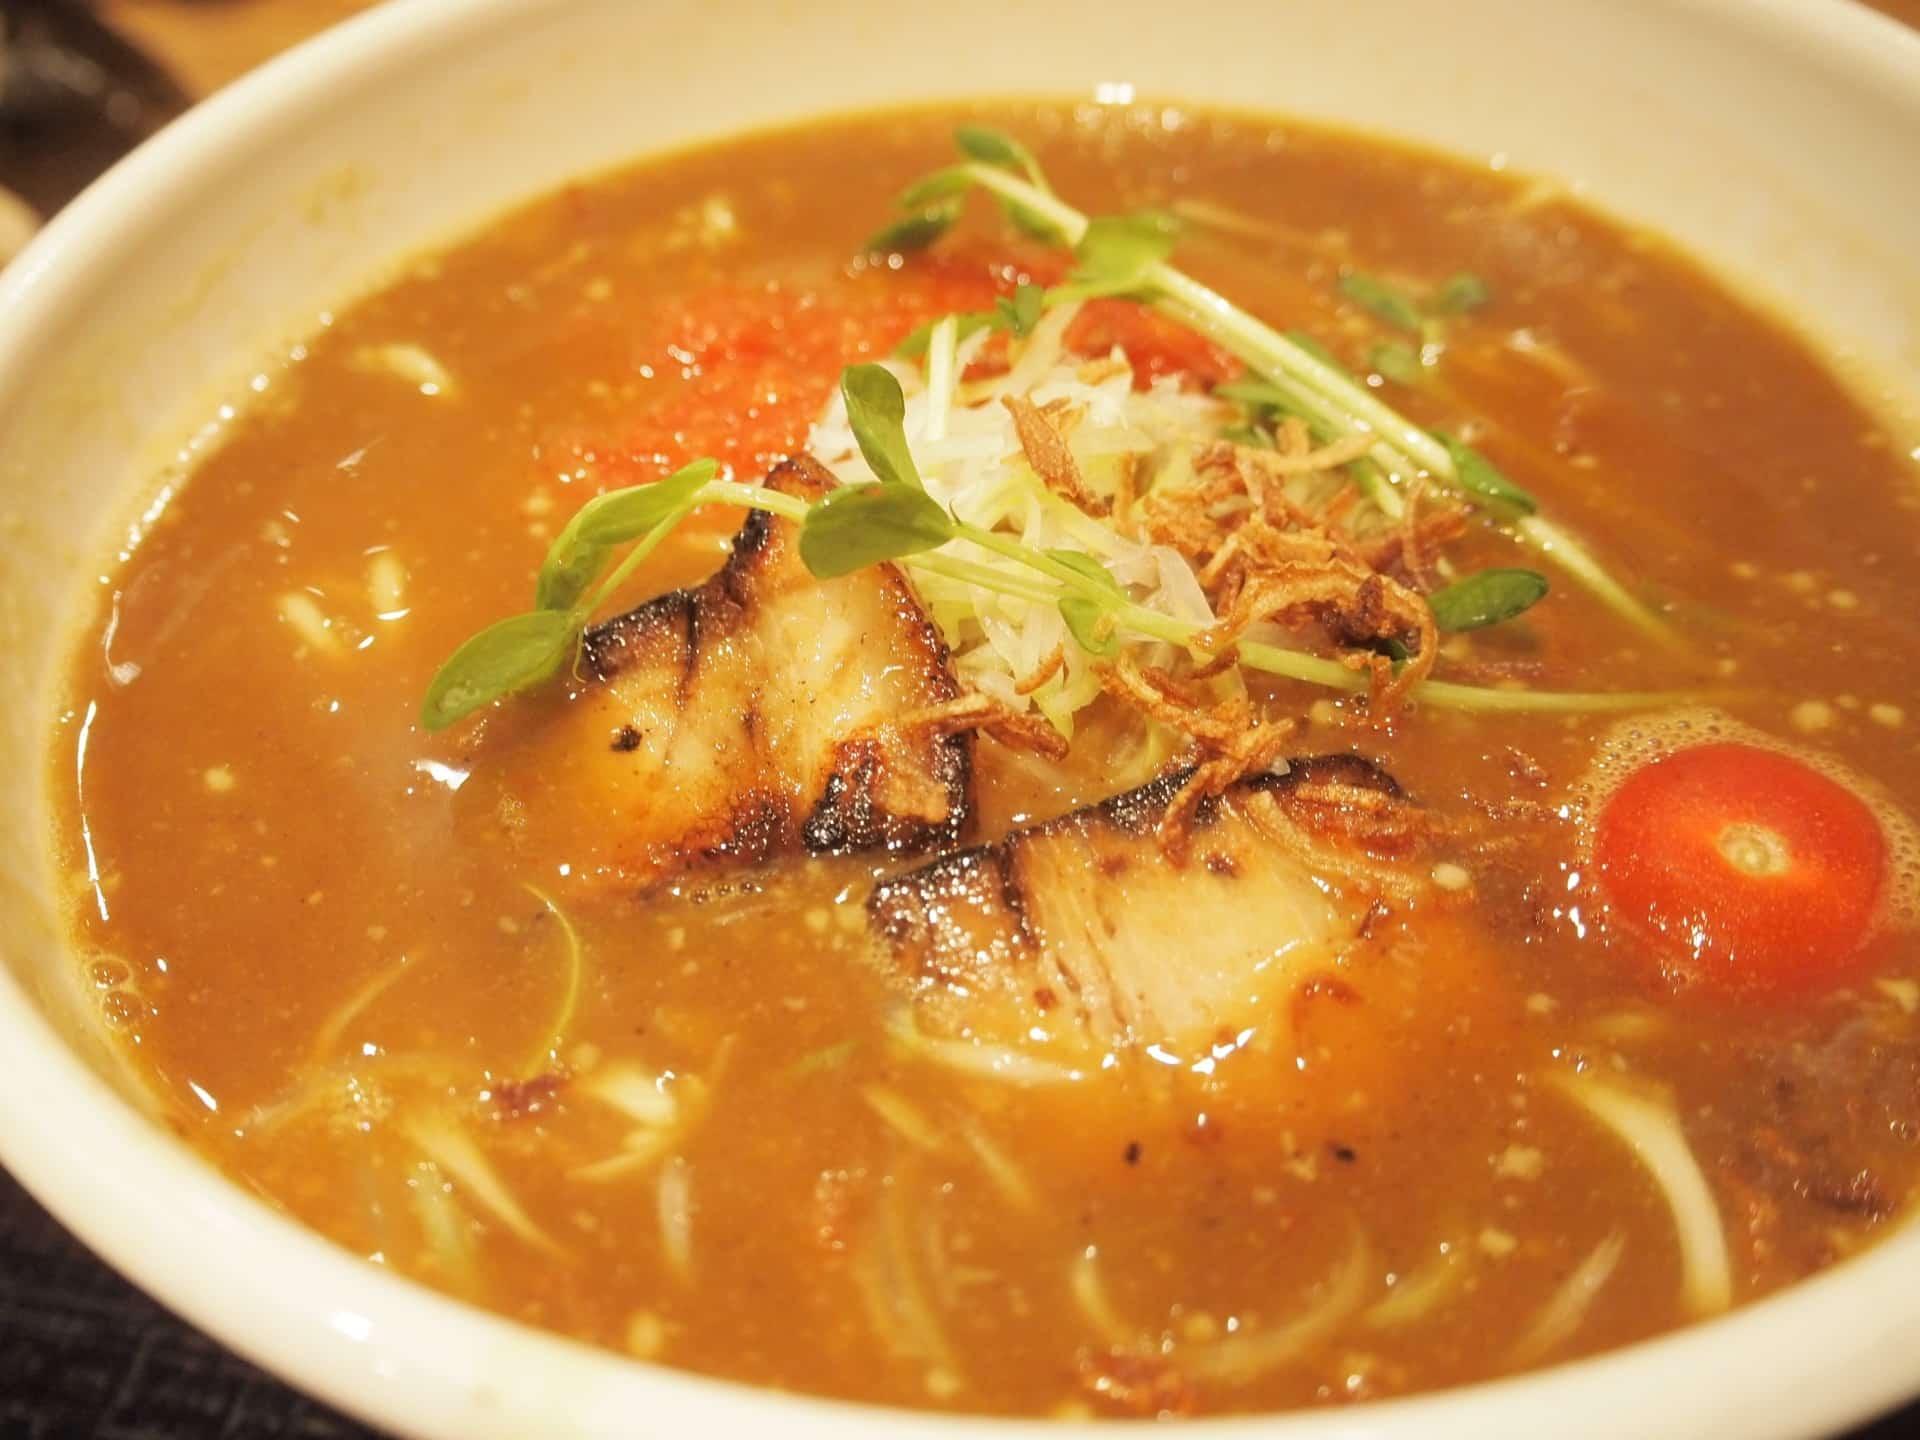 らぁめんたろう − ある時間帯は餃子無料!神戸で人気のラーメン屋。トマトラーメンもおすすめ